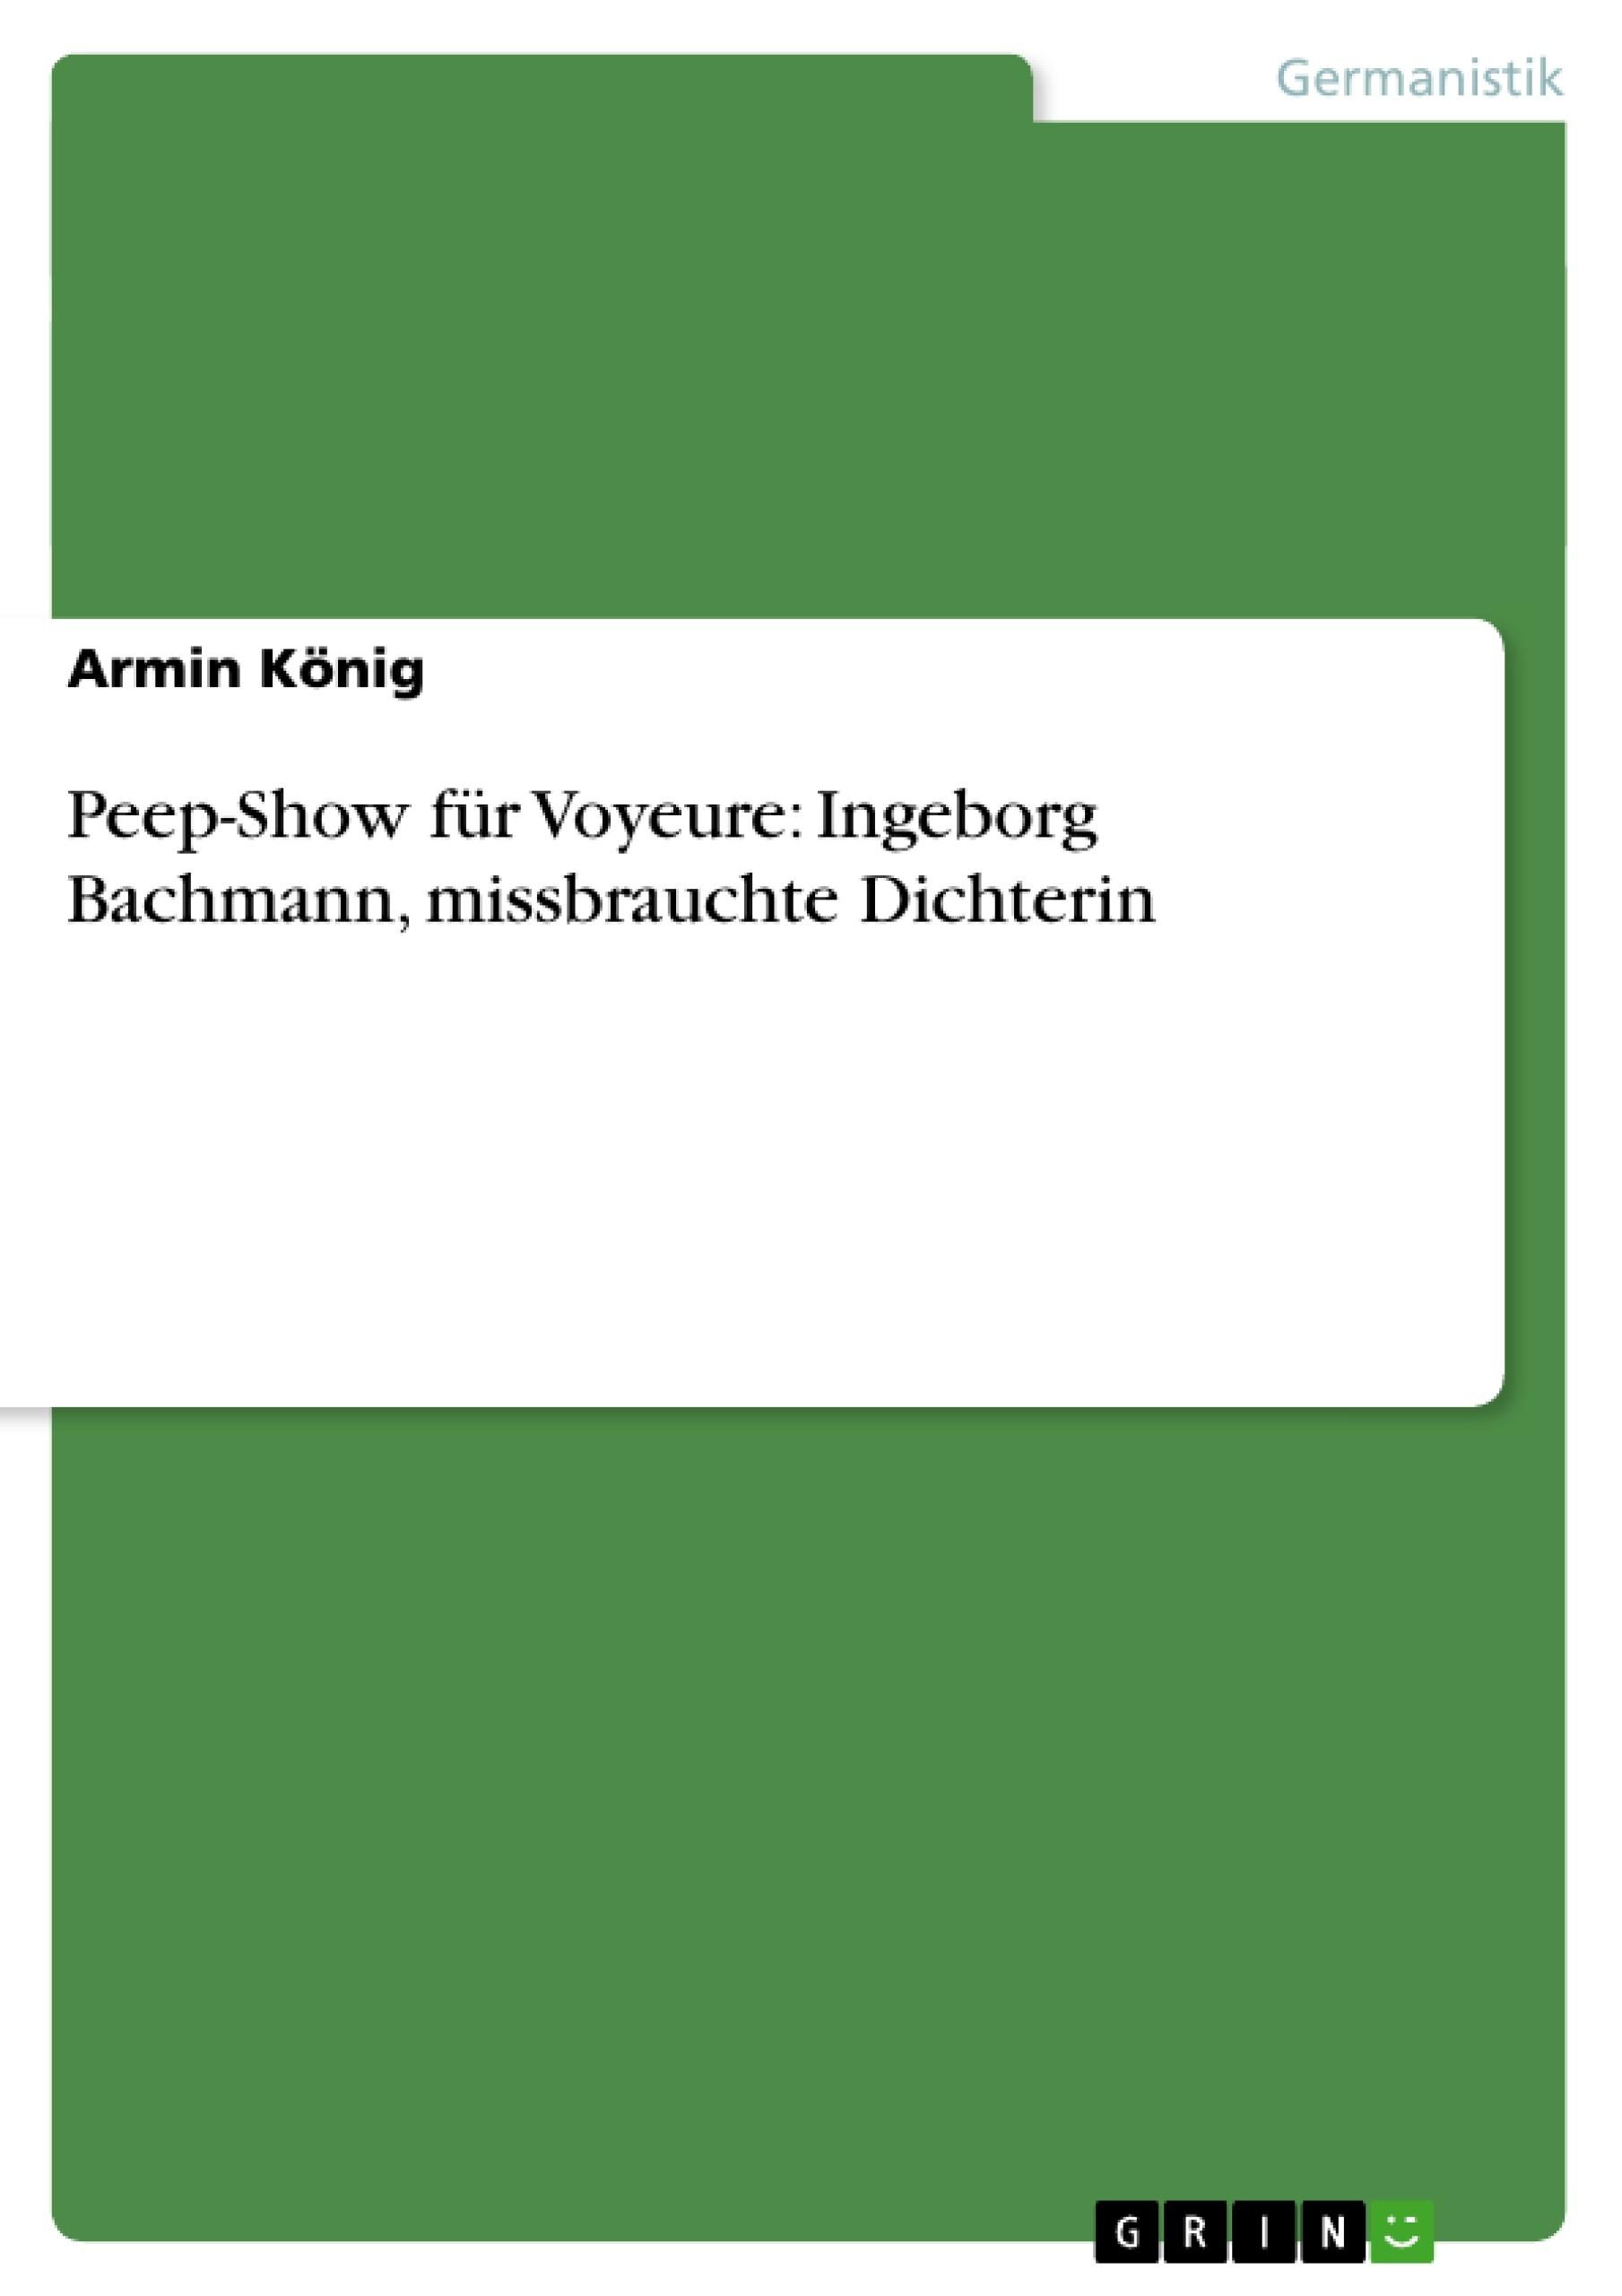 Titel: Peep-Show für Voyeure: Ingeborg Bachmann, missbrauchte Dichterin